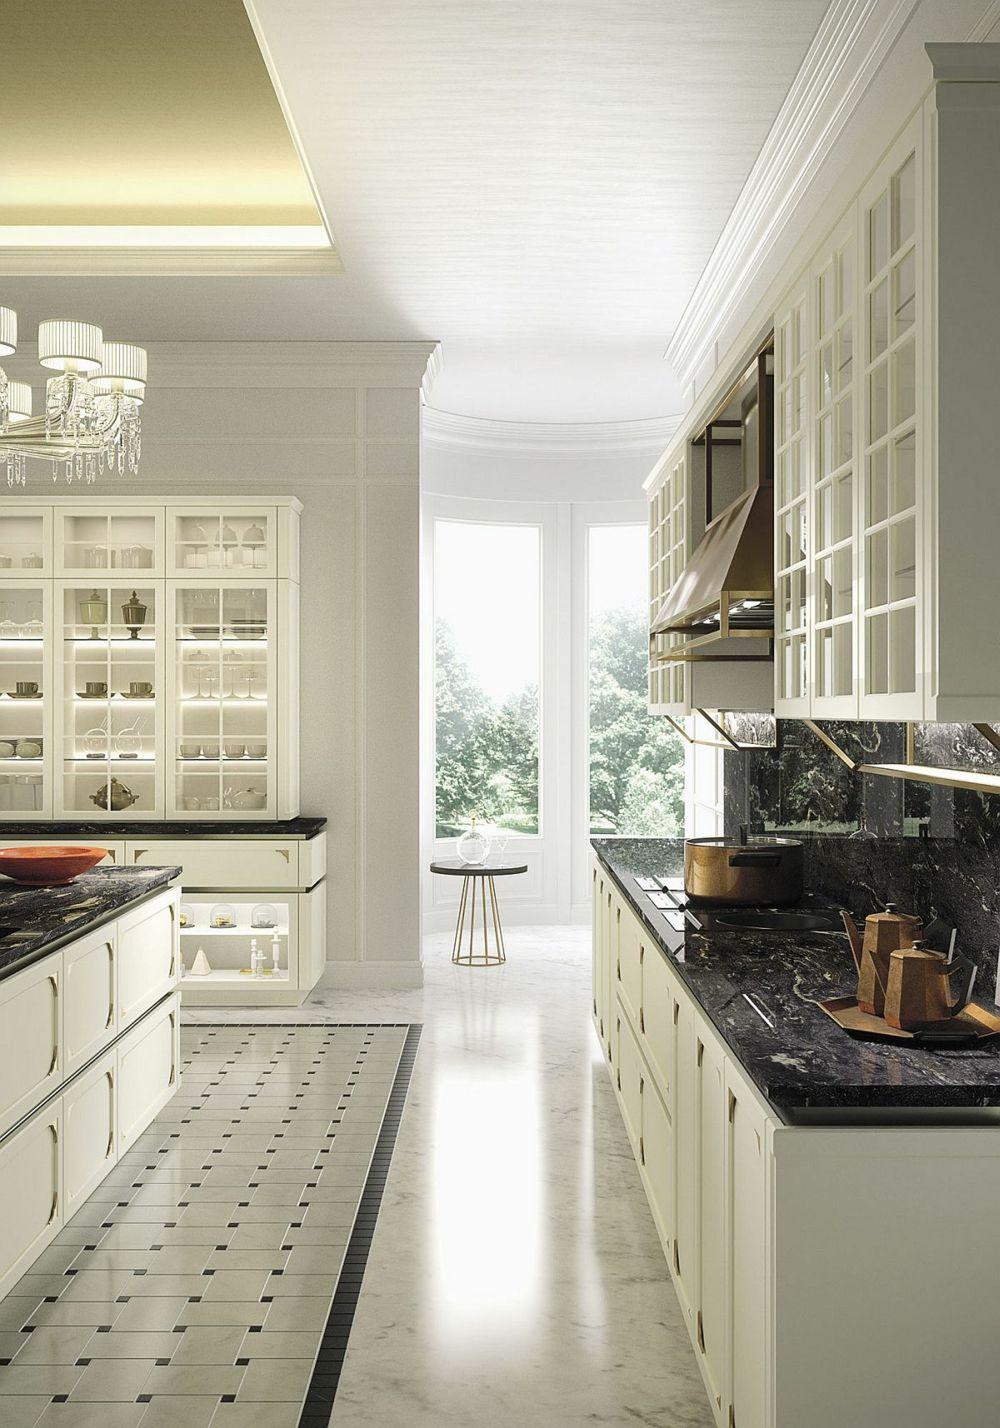 Sogar das Geschirr ist bronzefarben